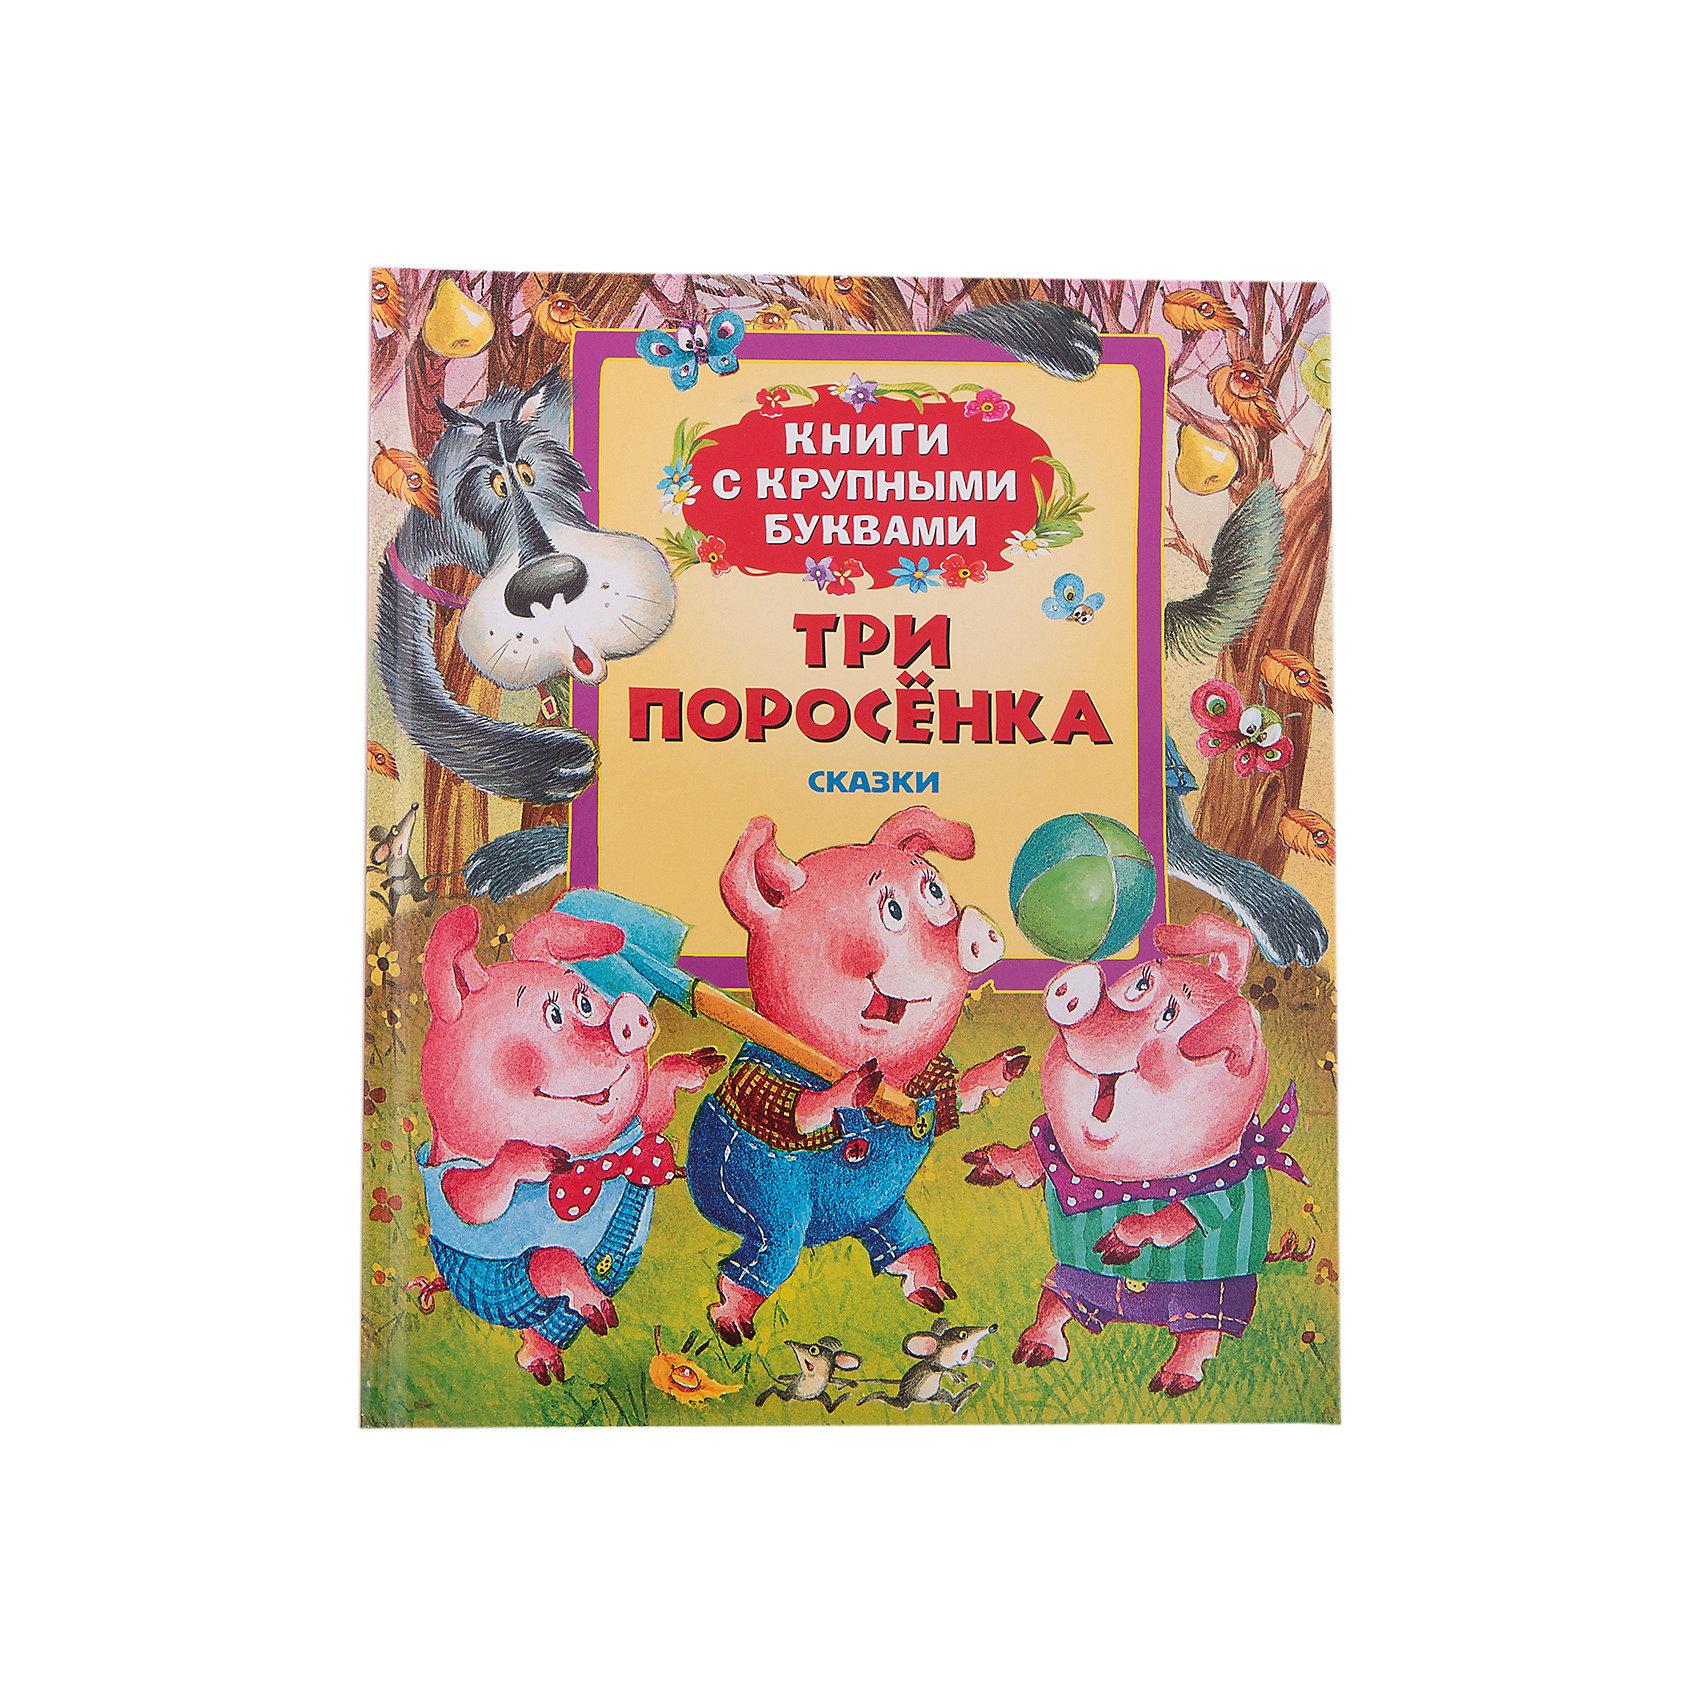 Книга с крупными буквами Три поросенкаСказки<br>В сборник вошли самые известные сказки, предназначенные для самостоятельного чтения детьми. Читая страницу за страницей, ребята познакомятся с сюжетом сказок и научатся лучше читать.&#13;<br>Книга представлена сказками: Три поросенка, Пряничный домик.<br><br>Дополнительная информация:<br><br>- Иллюстрации И. Якимовой<br>- Тип переплета (Обложка): Твердая<br>- Формат (мм): 263x197<br>- Количество страниц: 12<br>- Наличие иллюстраций: цветные<br><br>Книгу Три поросенка из серии Книги с крупными буквами. Росмэн можно купить в нашем магазине.<br><br>Ширина мм: 240<br>Глубина мм: 205<br>Высота мм: 8<br>Вес г: 290<br>Возраст от месяцев: 36<br>Возраст до месяцев: 72<br>Пол: Унисекс<br>Возраст: Детский<br>SKU: 3520815